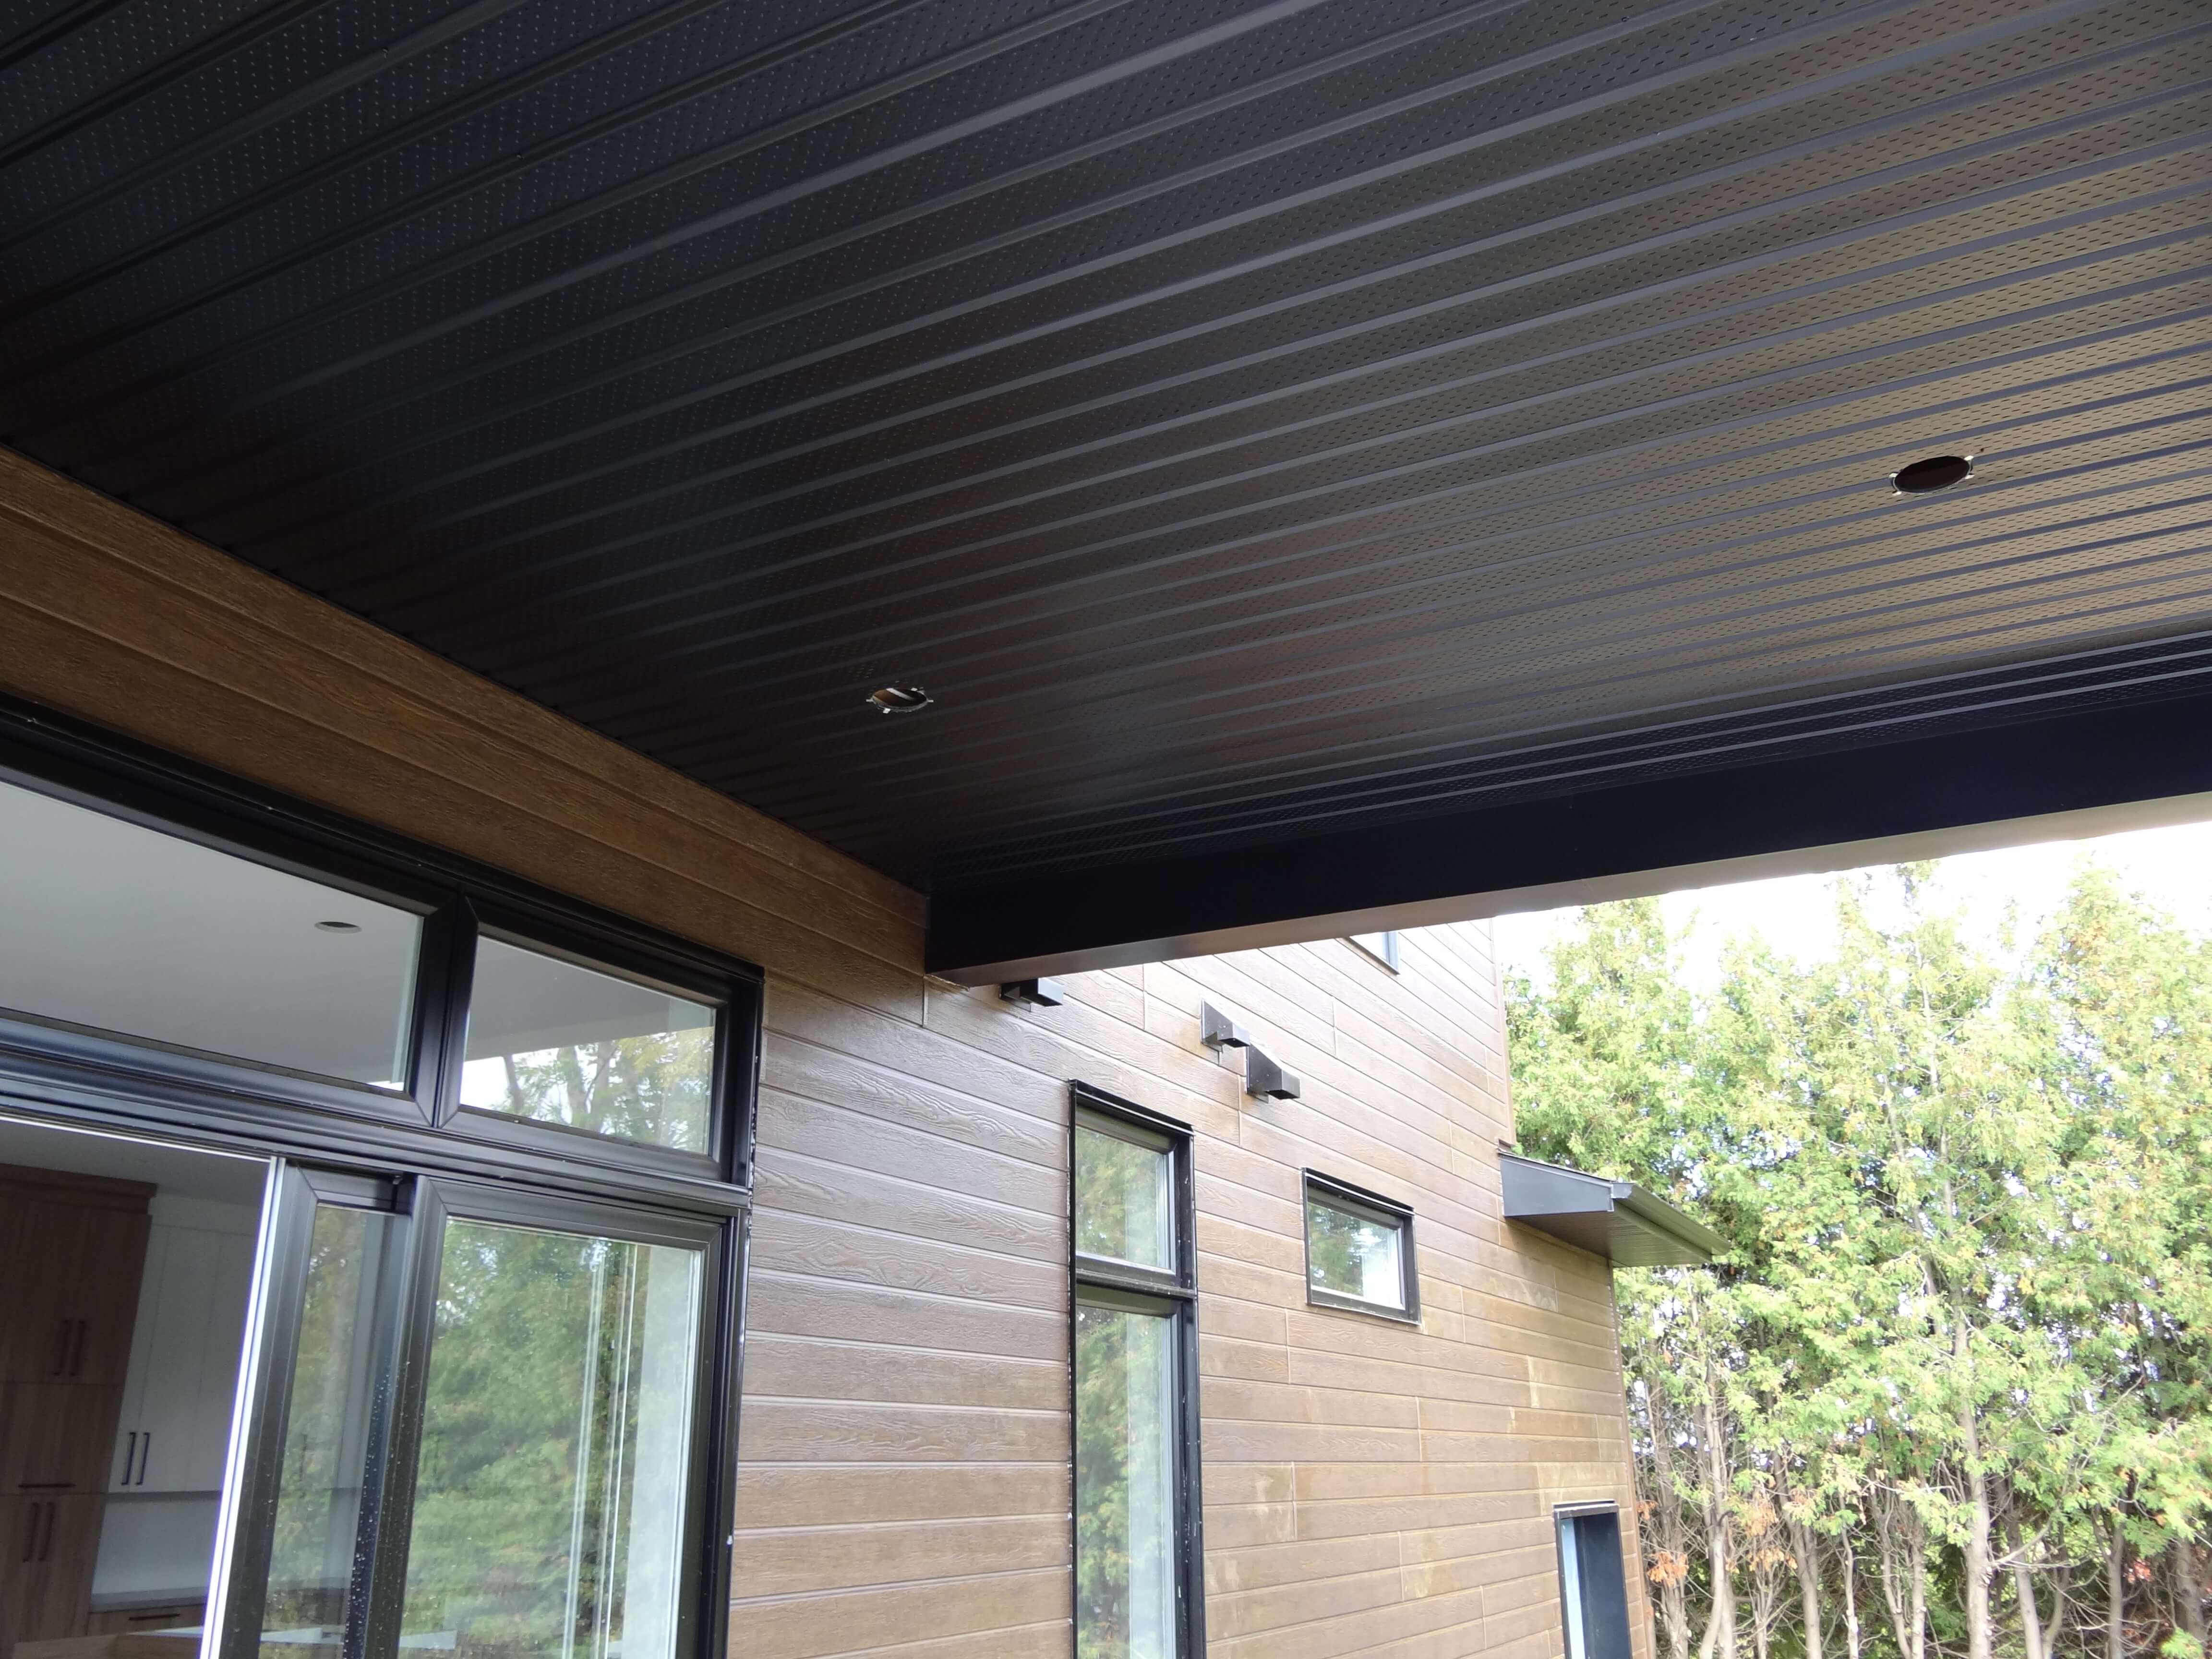 Habitations ÉnerGIK- Finition extérieure - Soffite noire, plafond, balcon